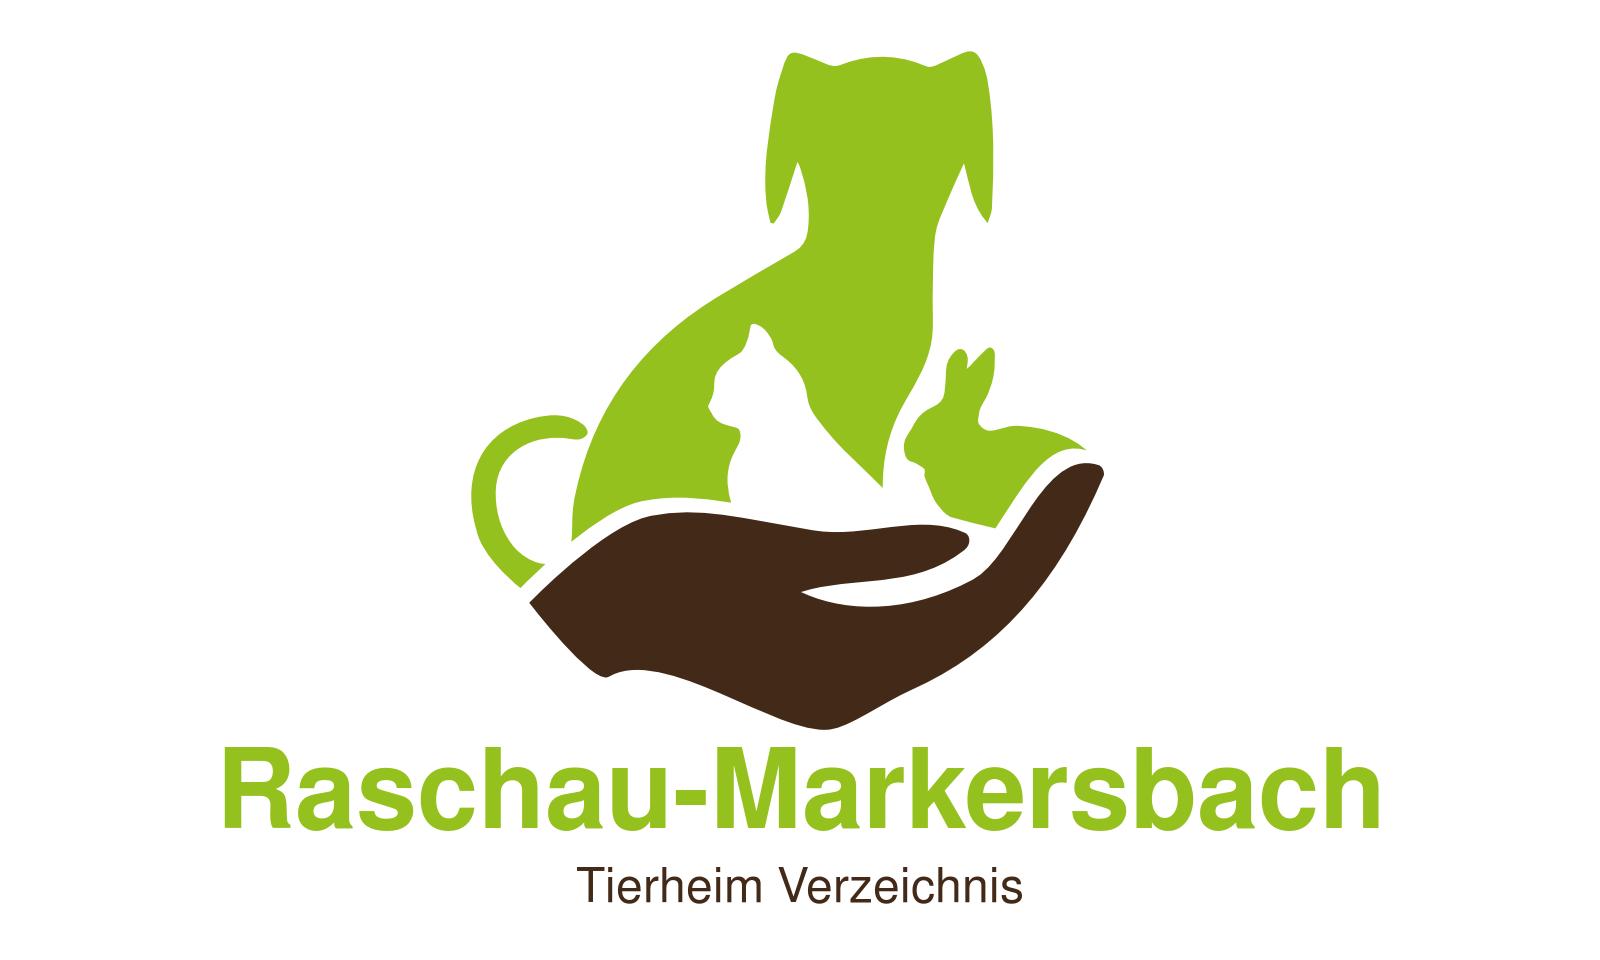 Tierheim Raschau-Markersbach